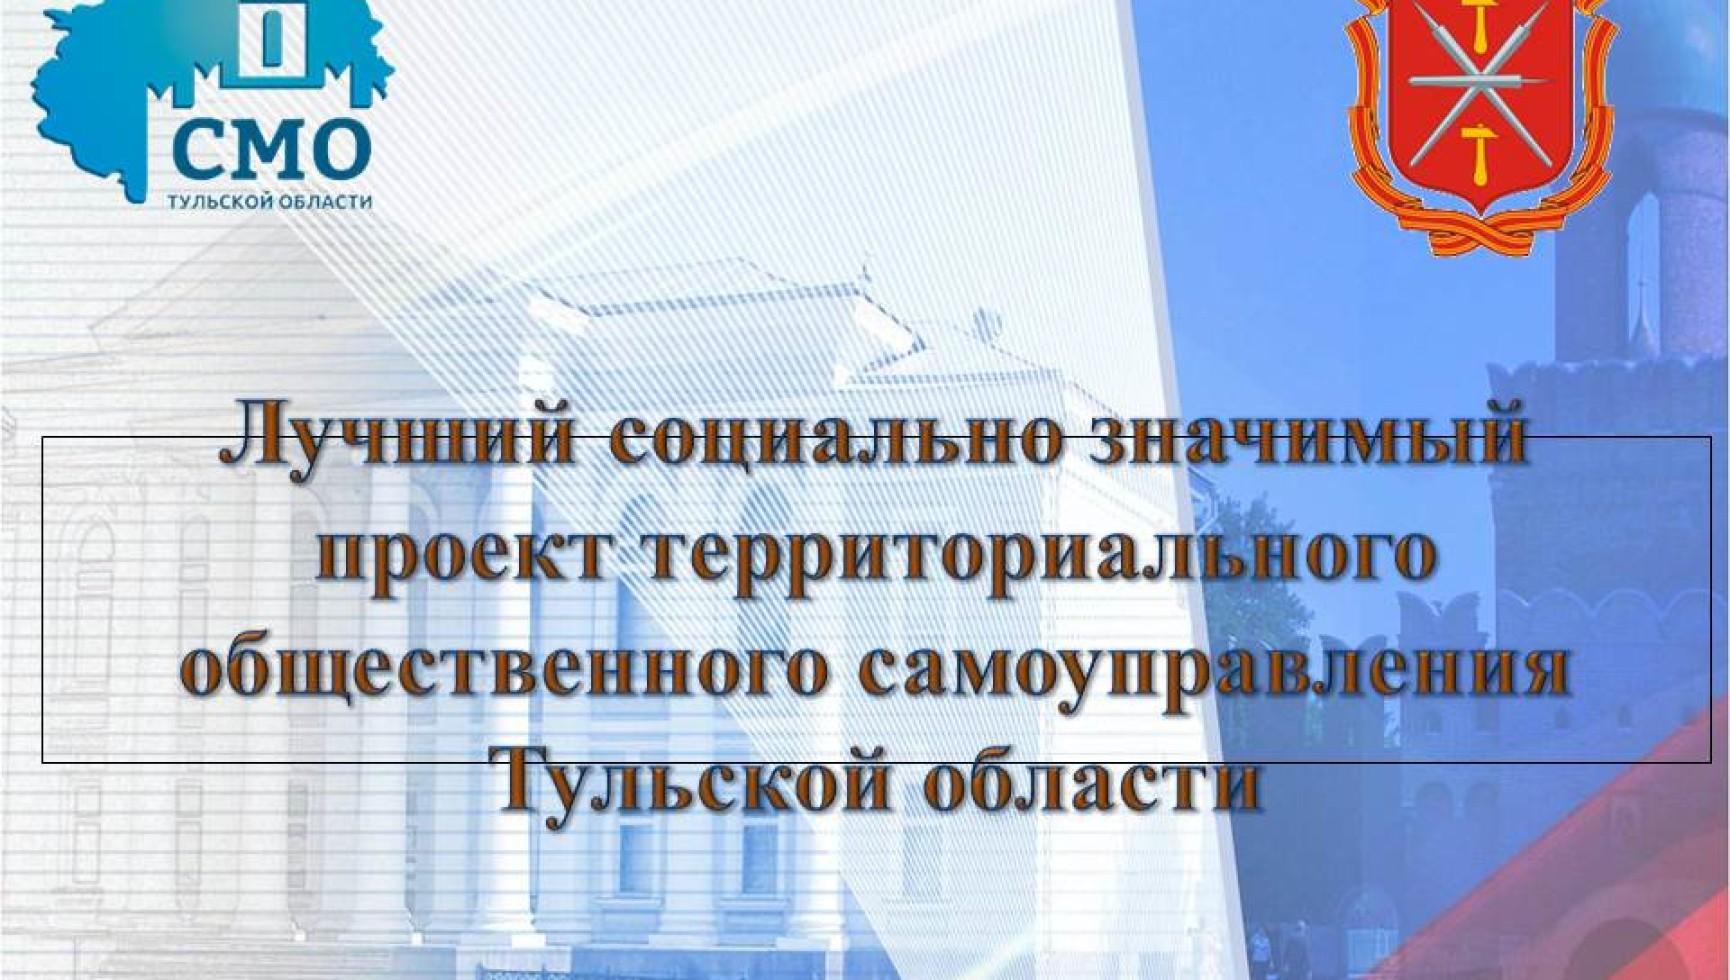 Информационное сообщение о начале конкурса «Лучший социально значимый проект территориального общественного самоуправления Тульской области»